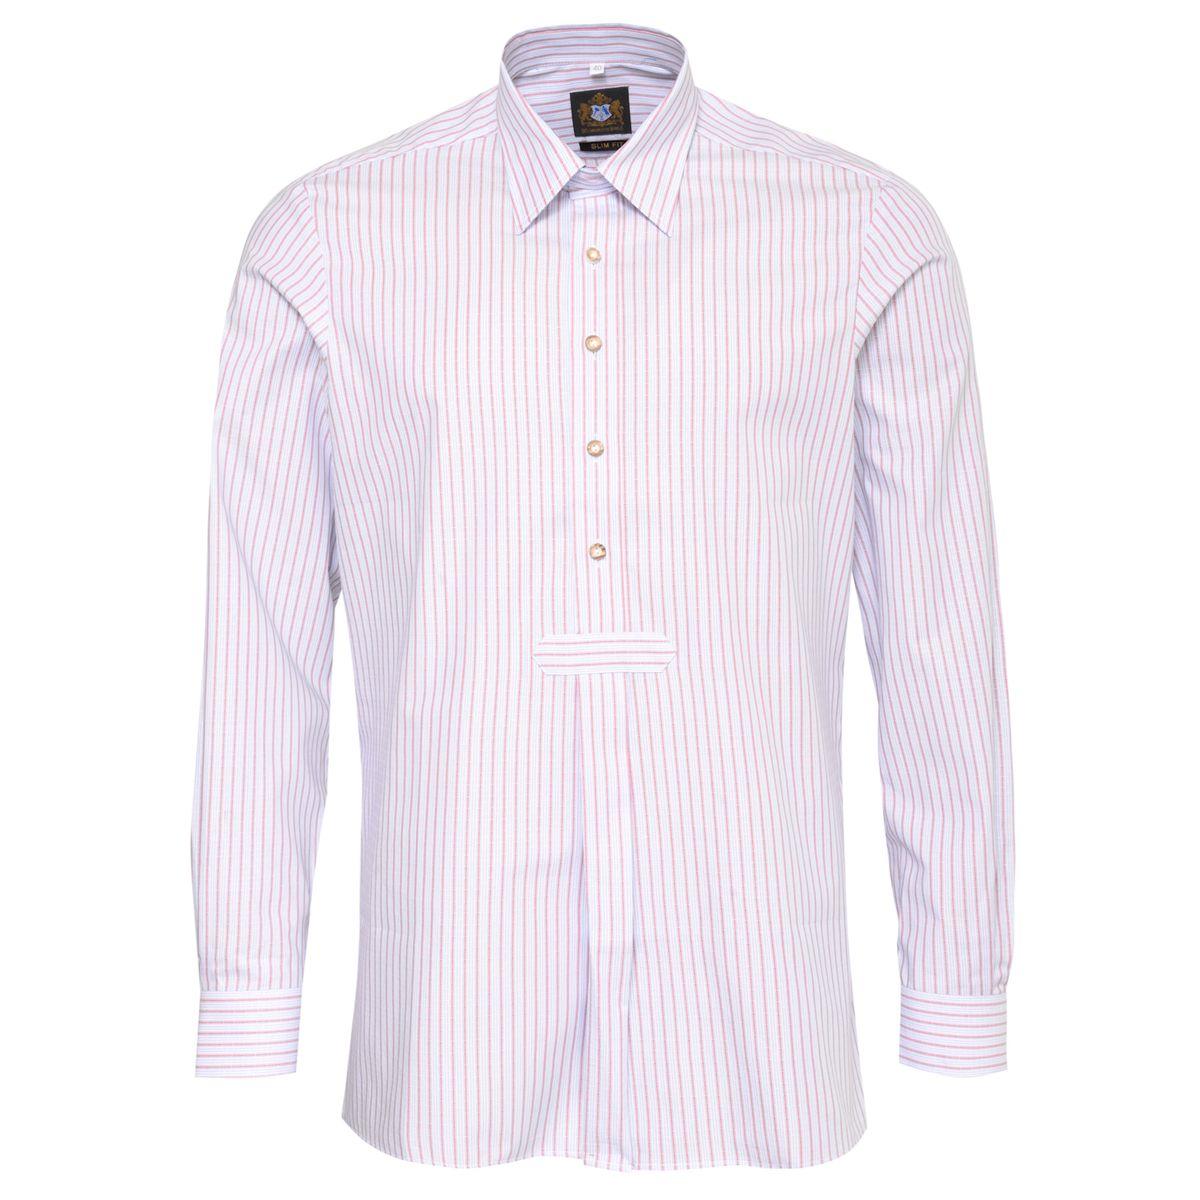 Trachtenhemd Slim Fit Pfoad zweifarbig in Hellblau und Rot von Hammerschmid günstig online kaufen